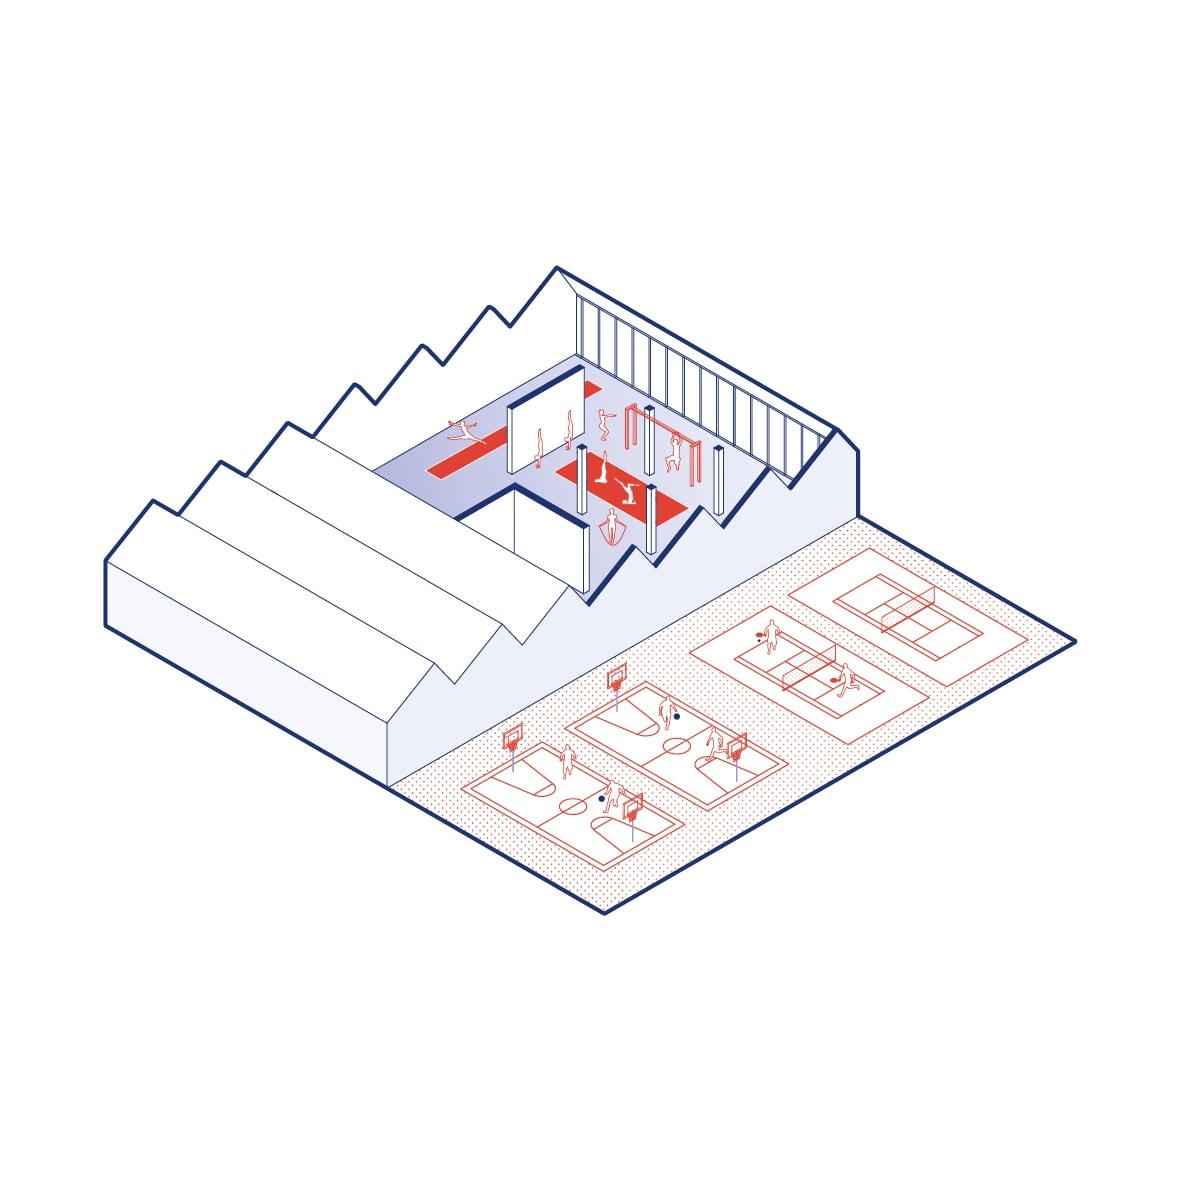 giulia-genovese-nonarchitecture-6